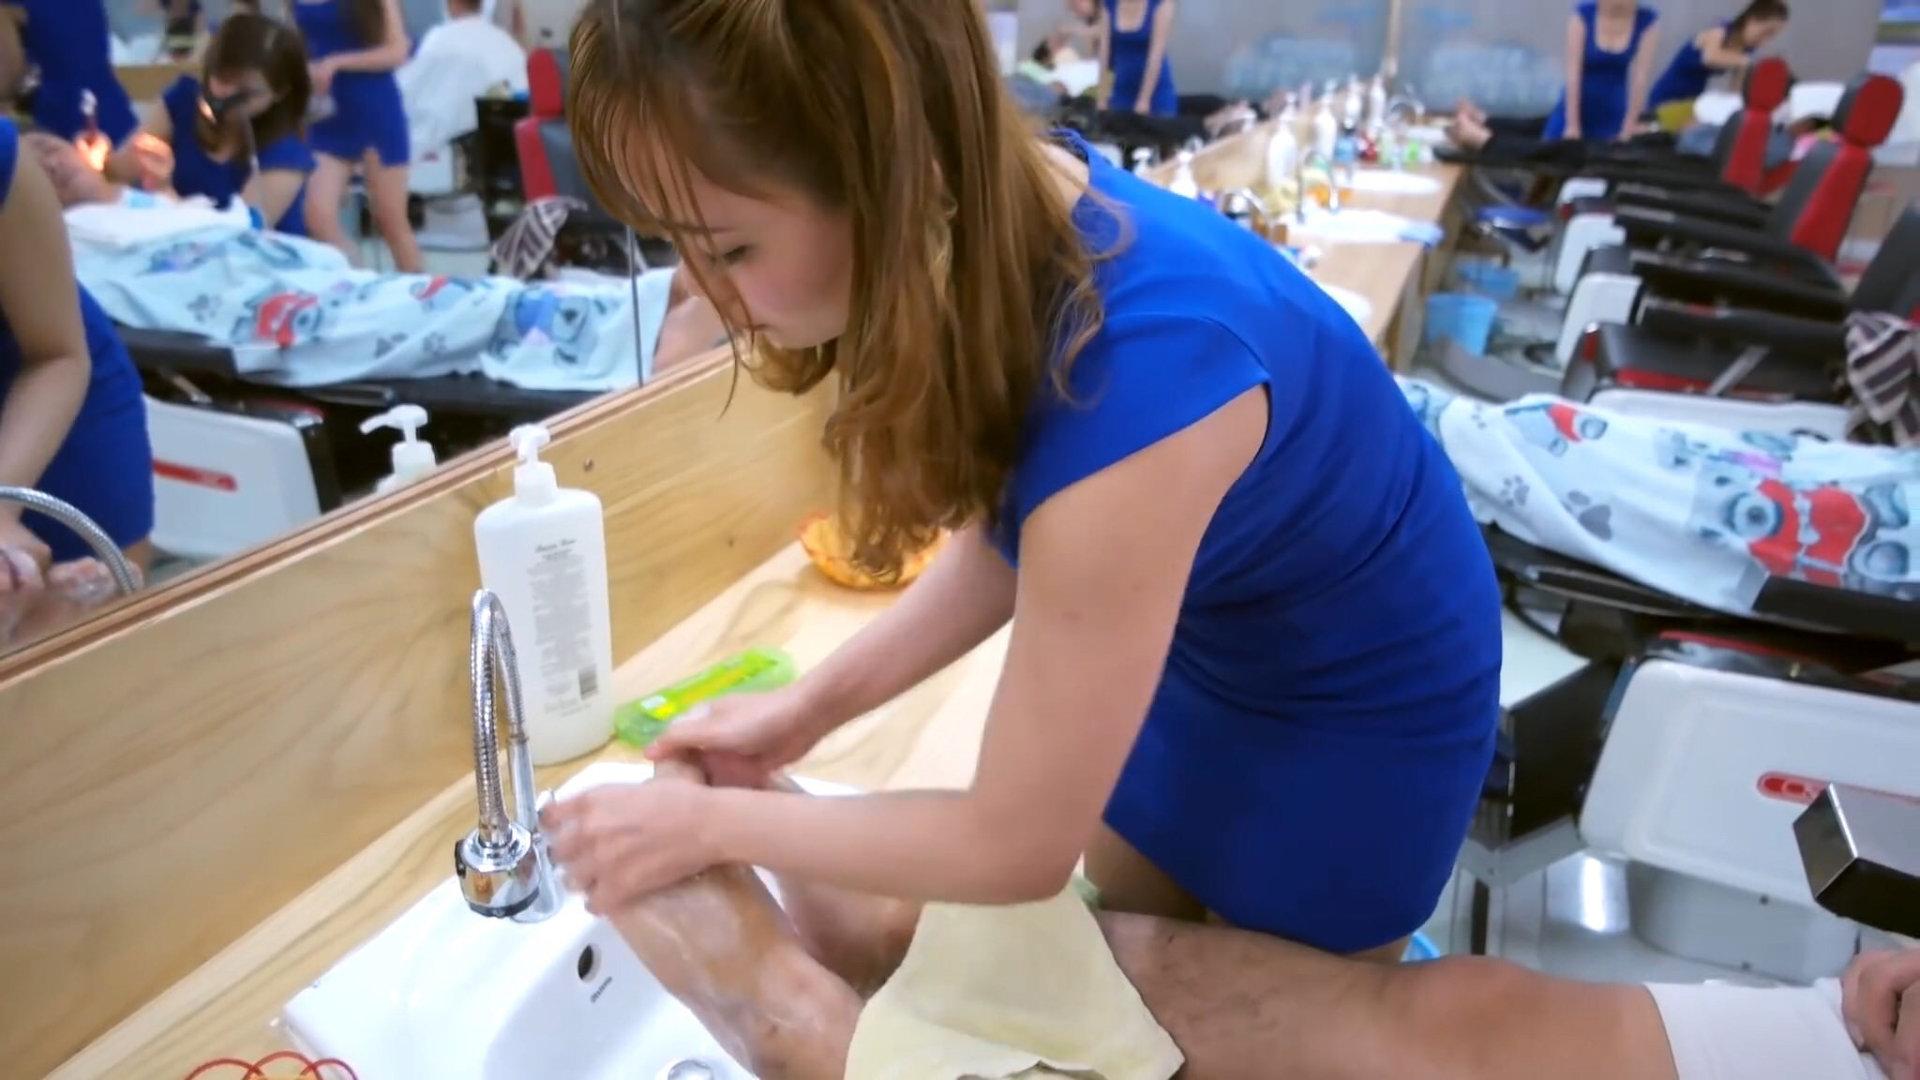 1000円で体験できるエロサービスが凄すぎる理髪店wwwwwww(画像あり)・2枚目